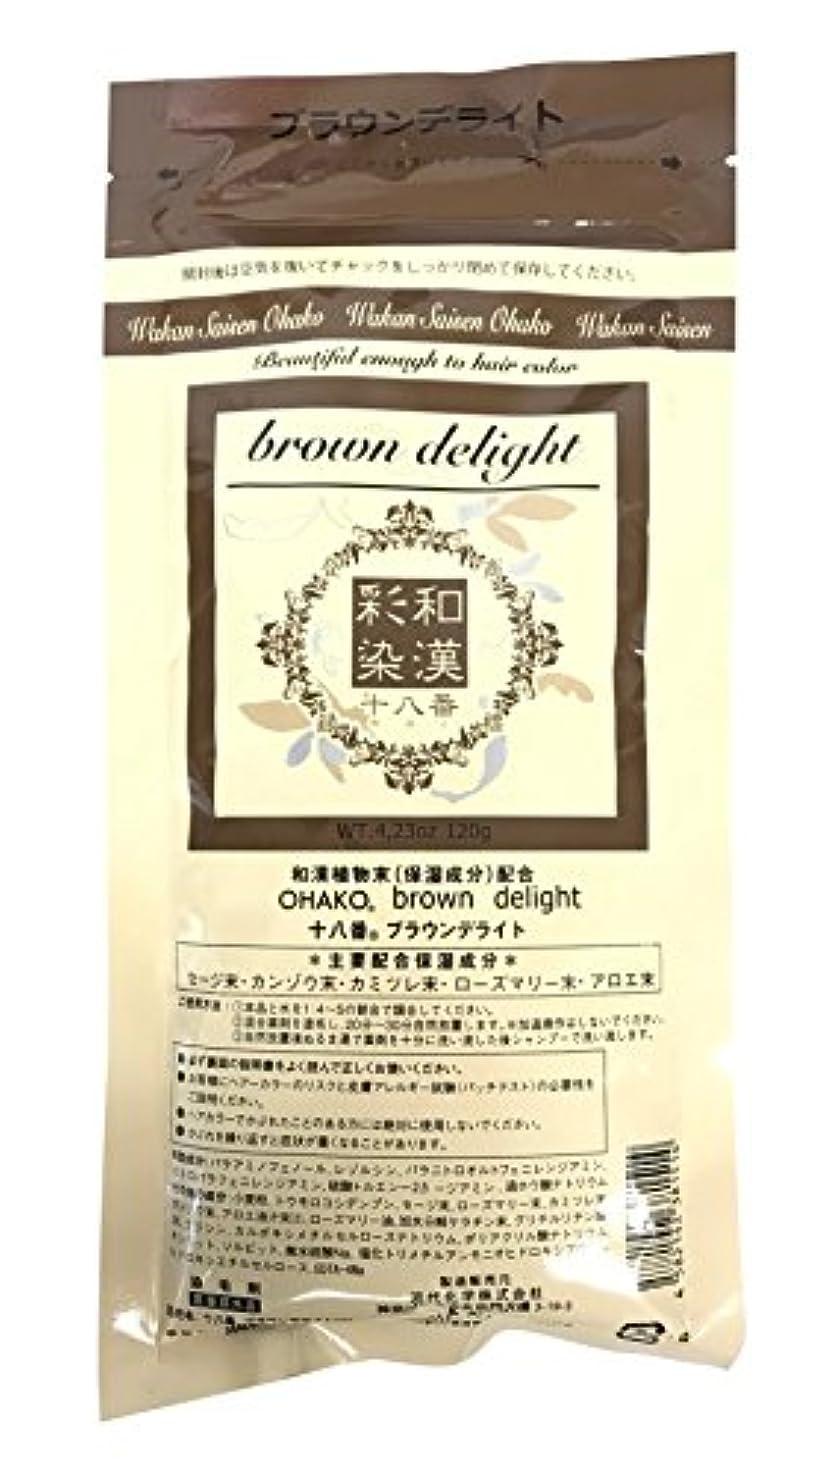 フォーカスシェトランド諸島豊富にグランデックス 和漢彩染 十八番 120g ブラウンデライト